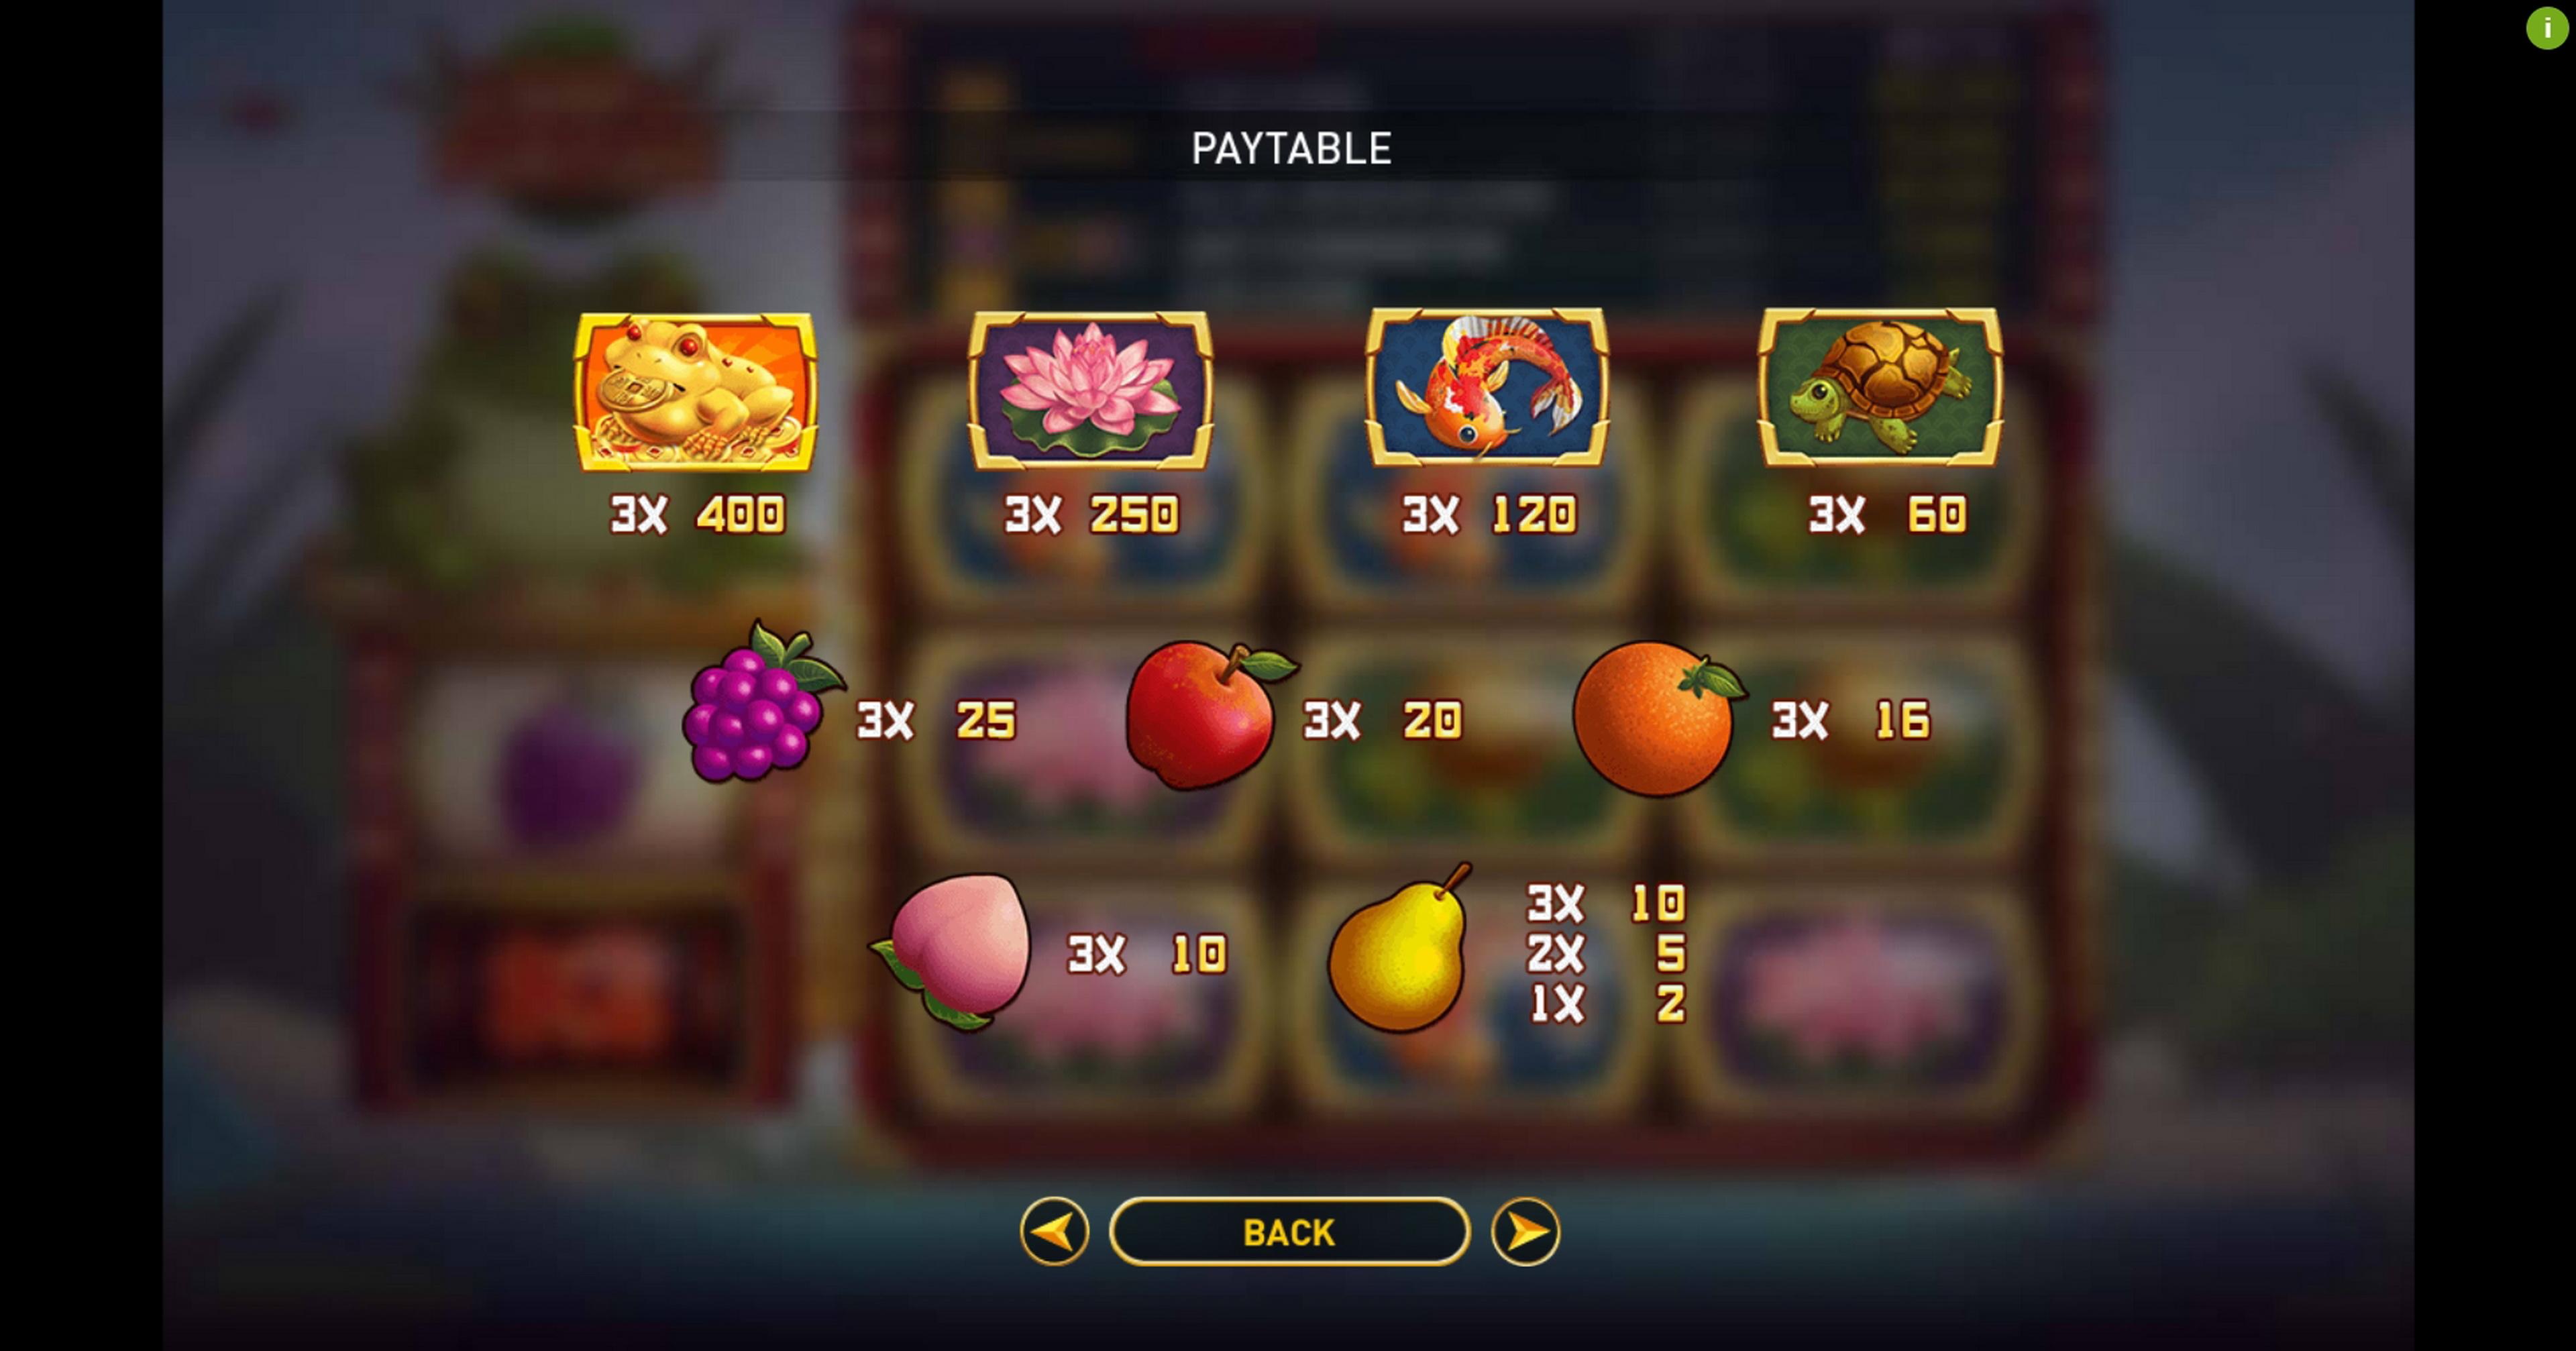 123 casino 100 free spins no deposit